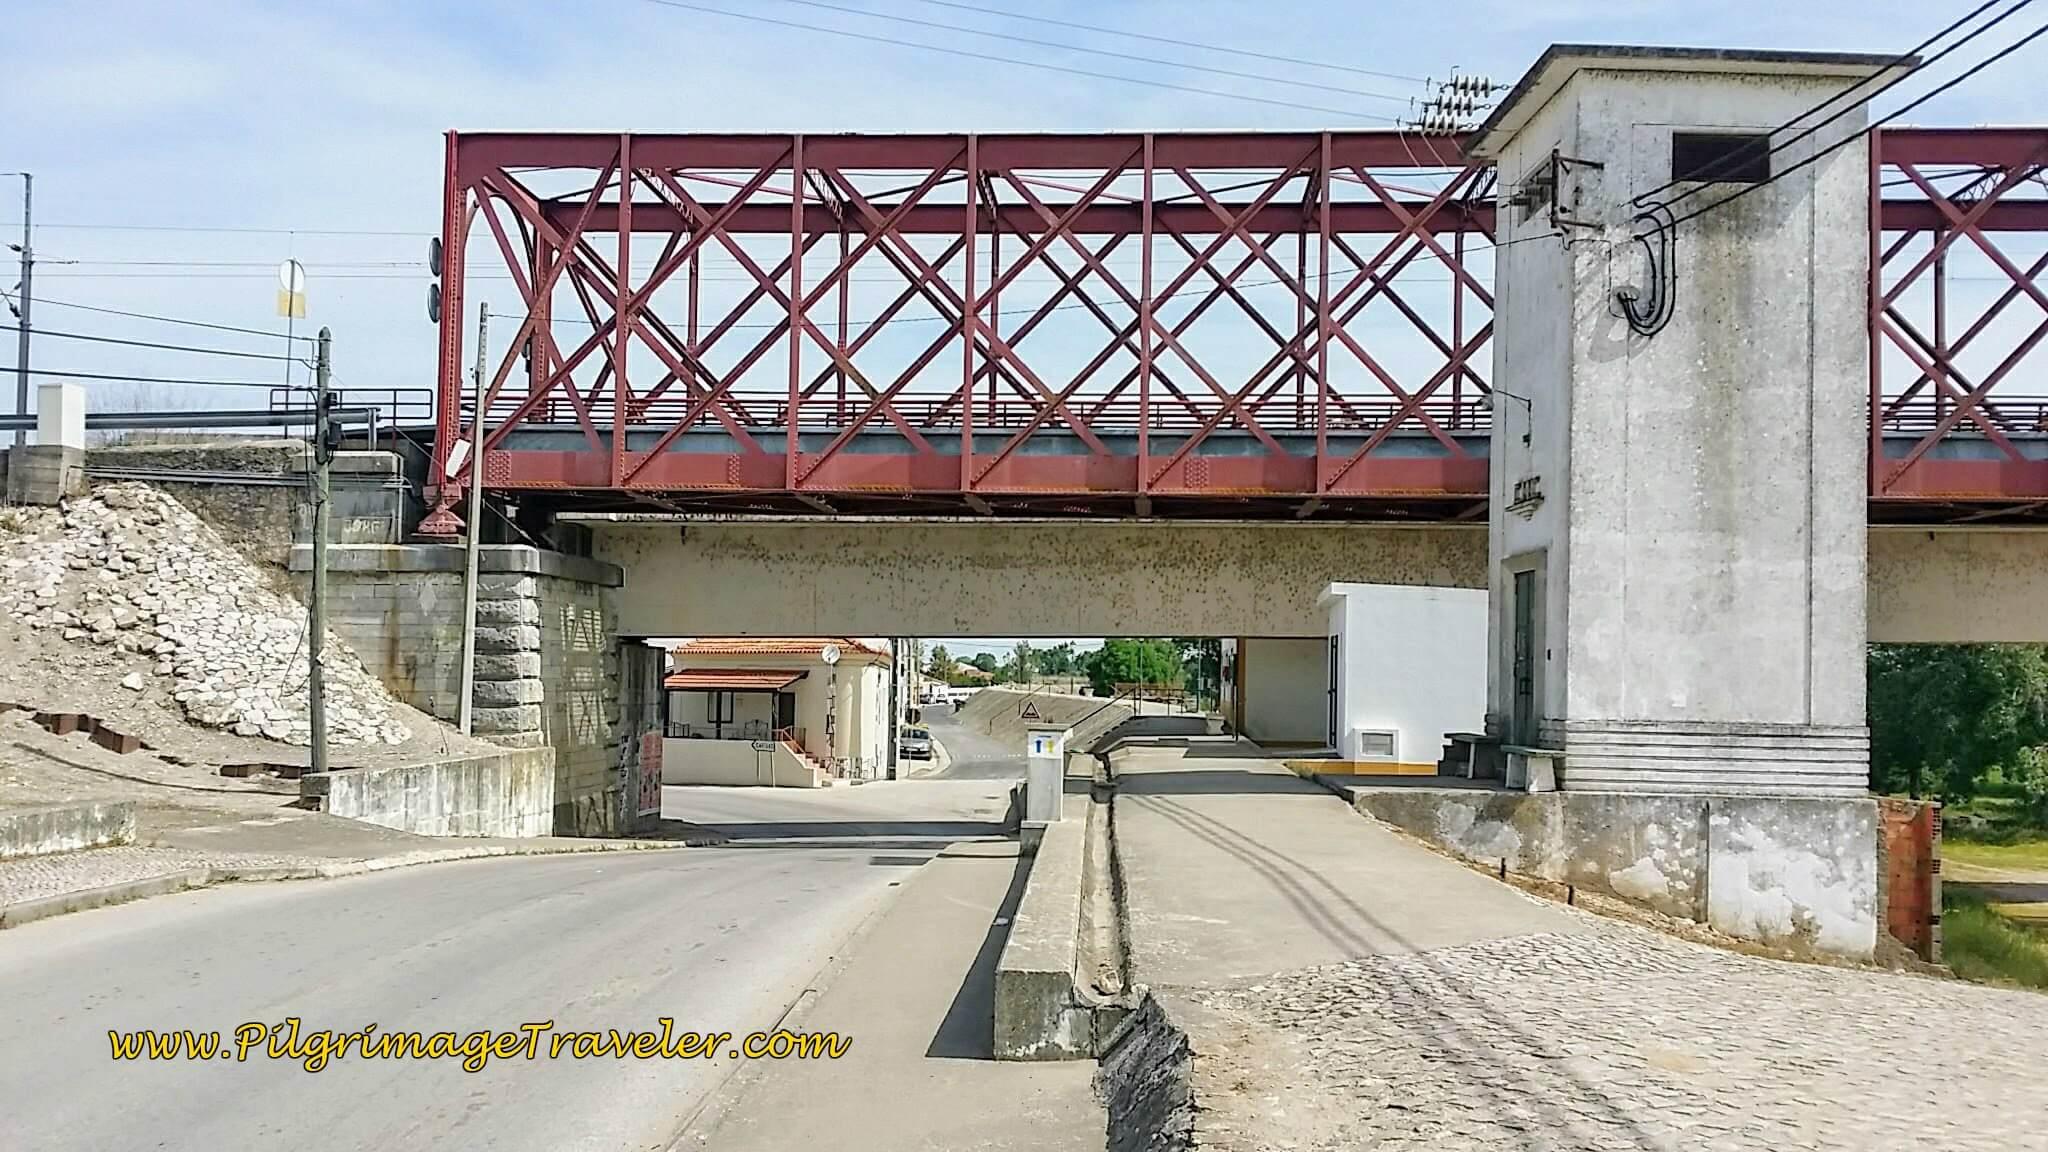 The Bridge across the Río Tejo in Porto Muge